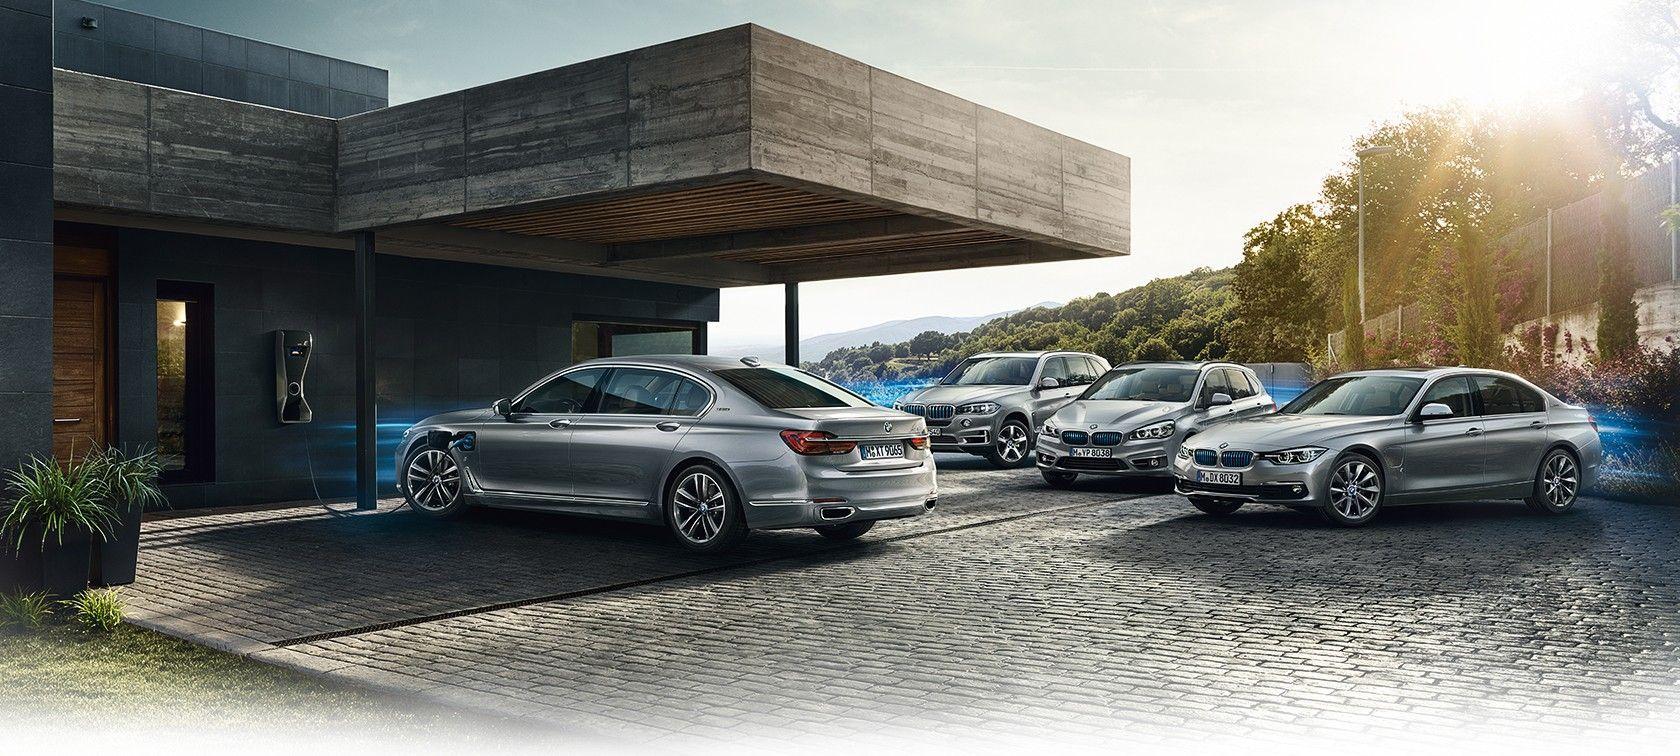 BMW CONCIENCIA A LOS NIÑOS SOBRE EL USO DE RECURSOS ALTERNATIVOS, LA CONDUCCIÓN RESPONSABLE Y LA MOVILIDAD SOSTENIBL